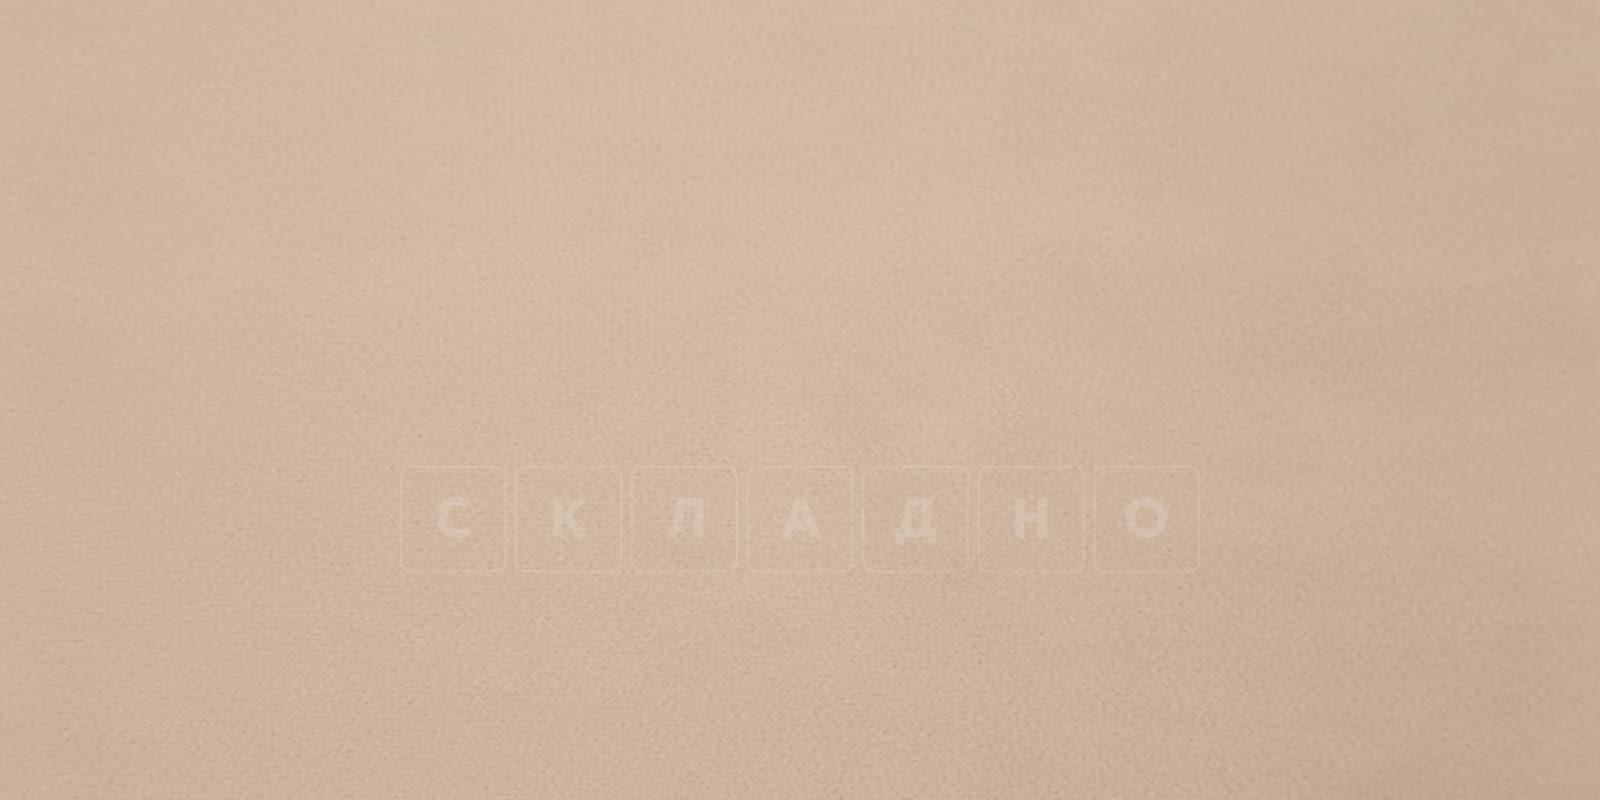 Кресло Флэтфорд велюр бежевый с коричневым кантом фото 8 | интернет-магазин Складно